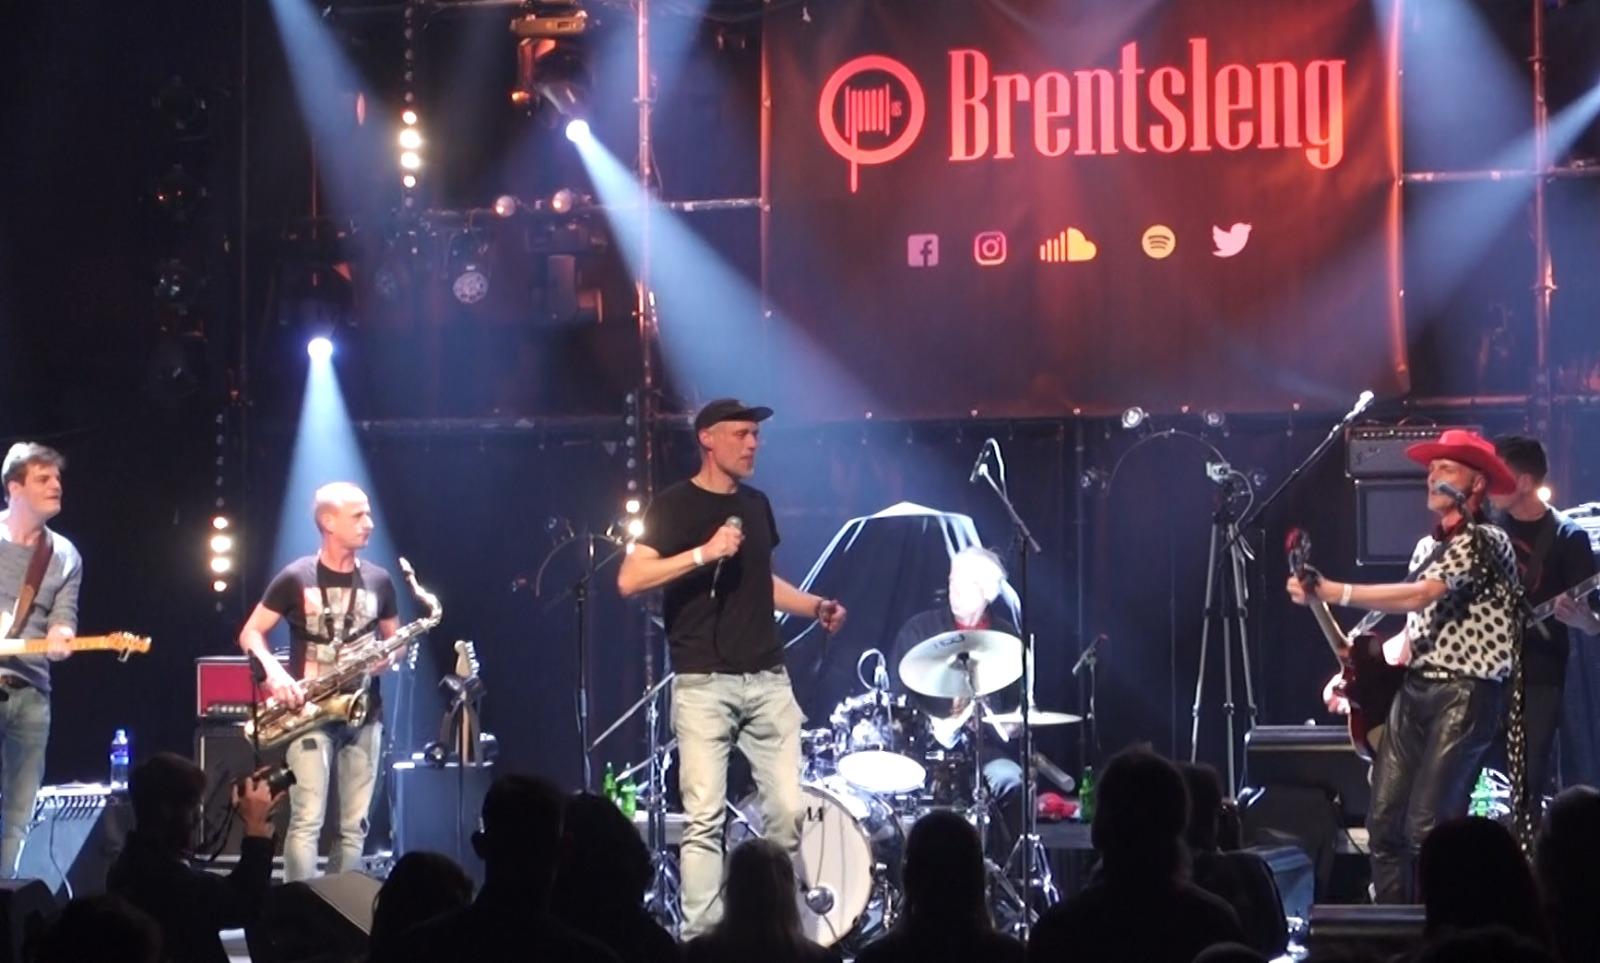 Brentsleng